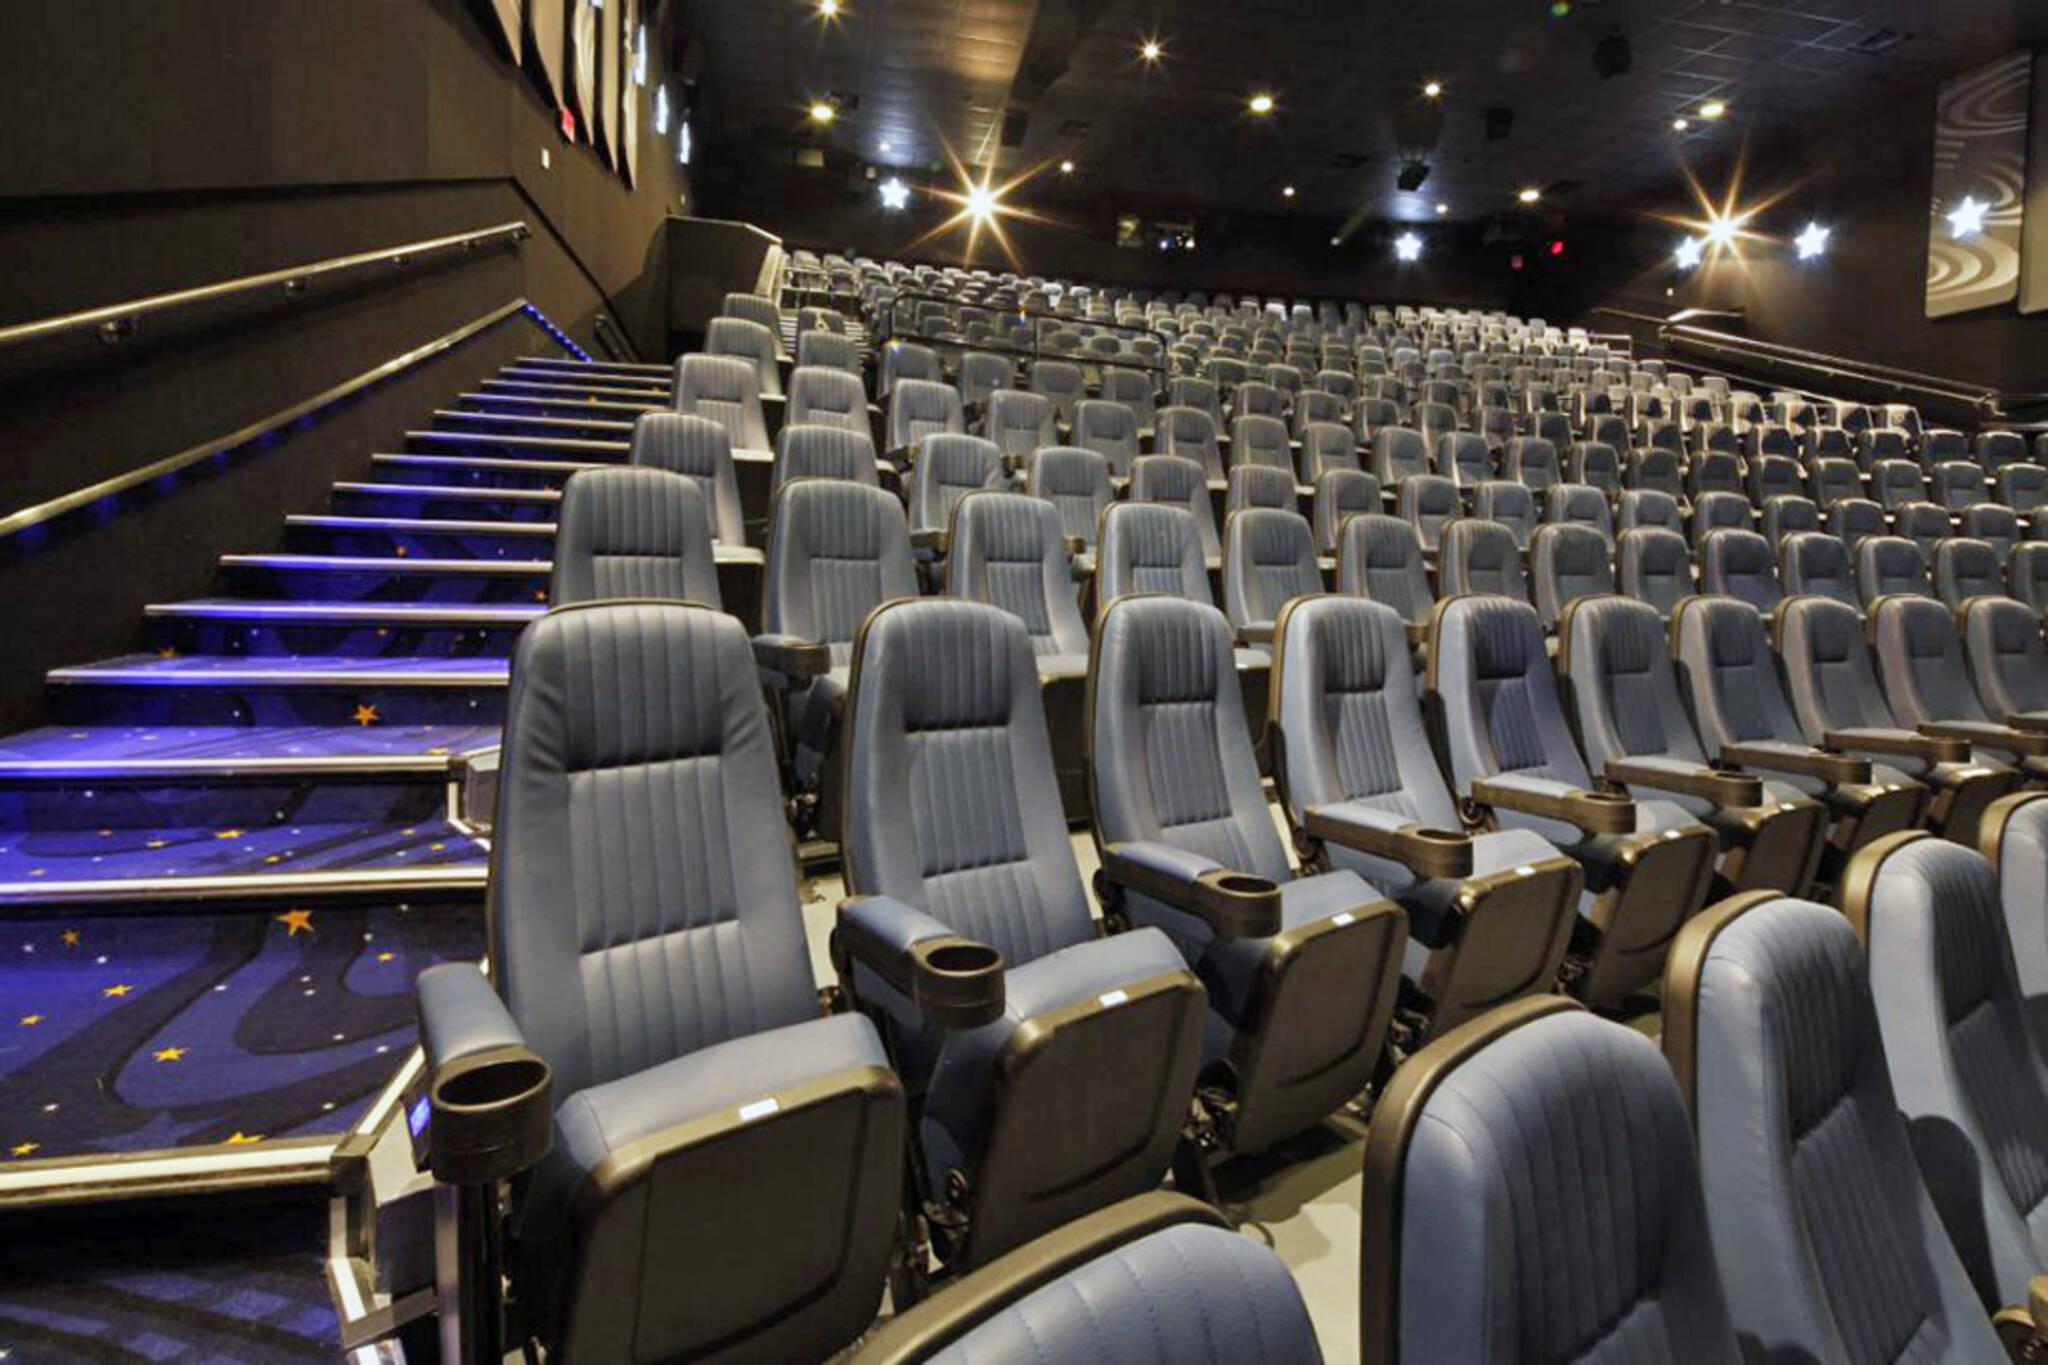 Cineplex Theatres In Kitchener Ontario